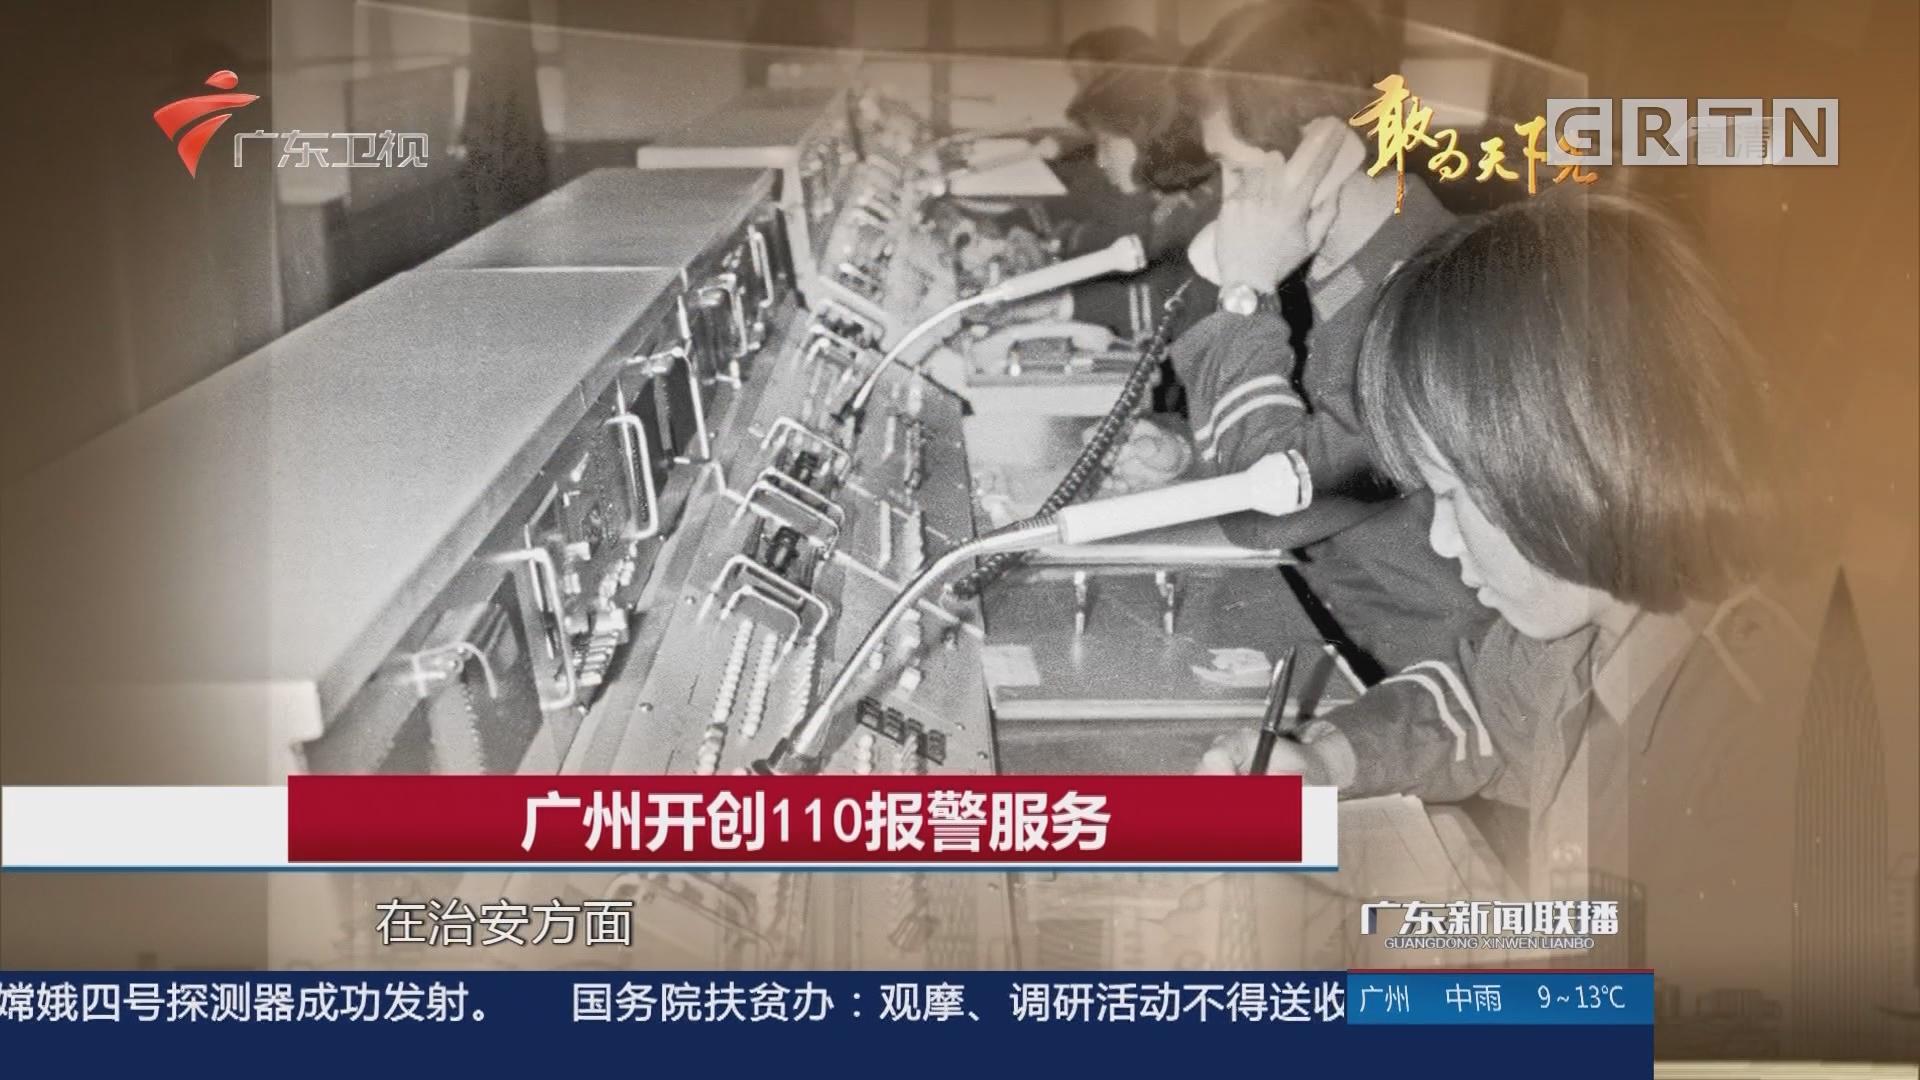 广州开创110报警服务